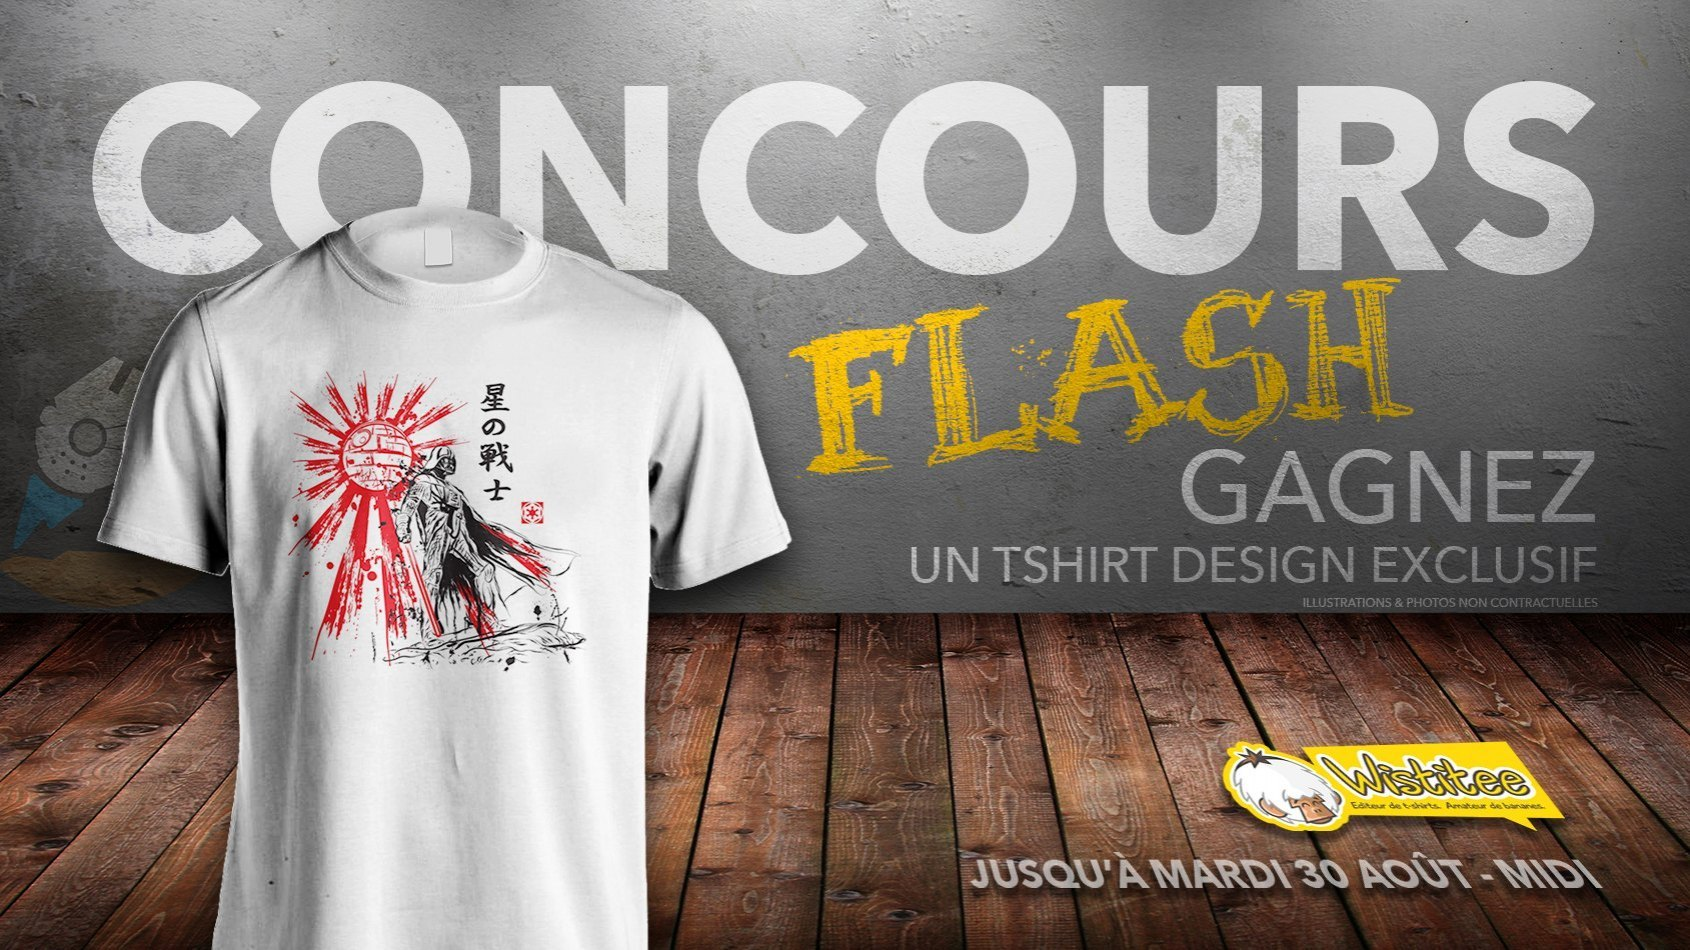 CONCOURS FLASH - Gagnez un t-shirt Vador exclusif avec Wistitee